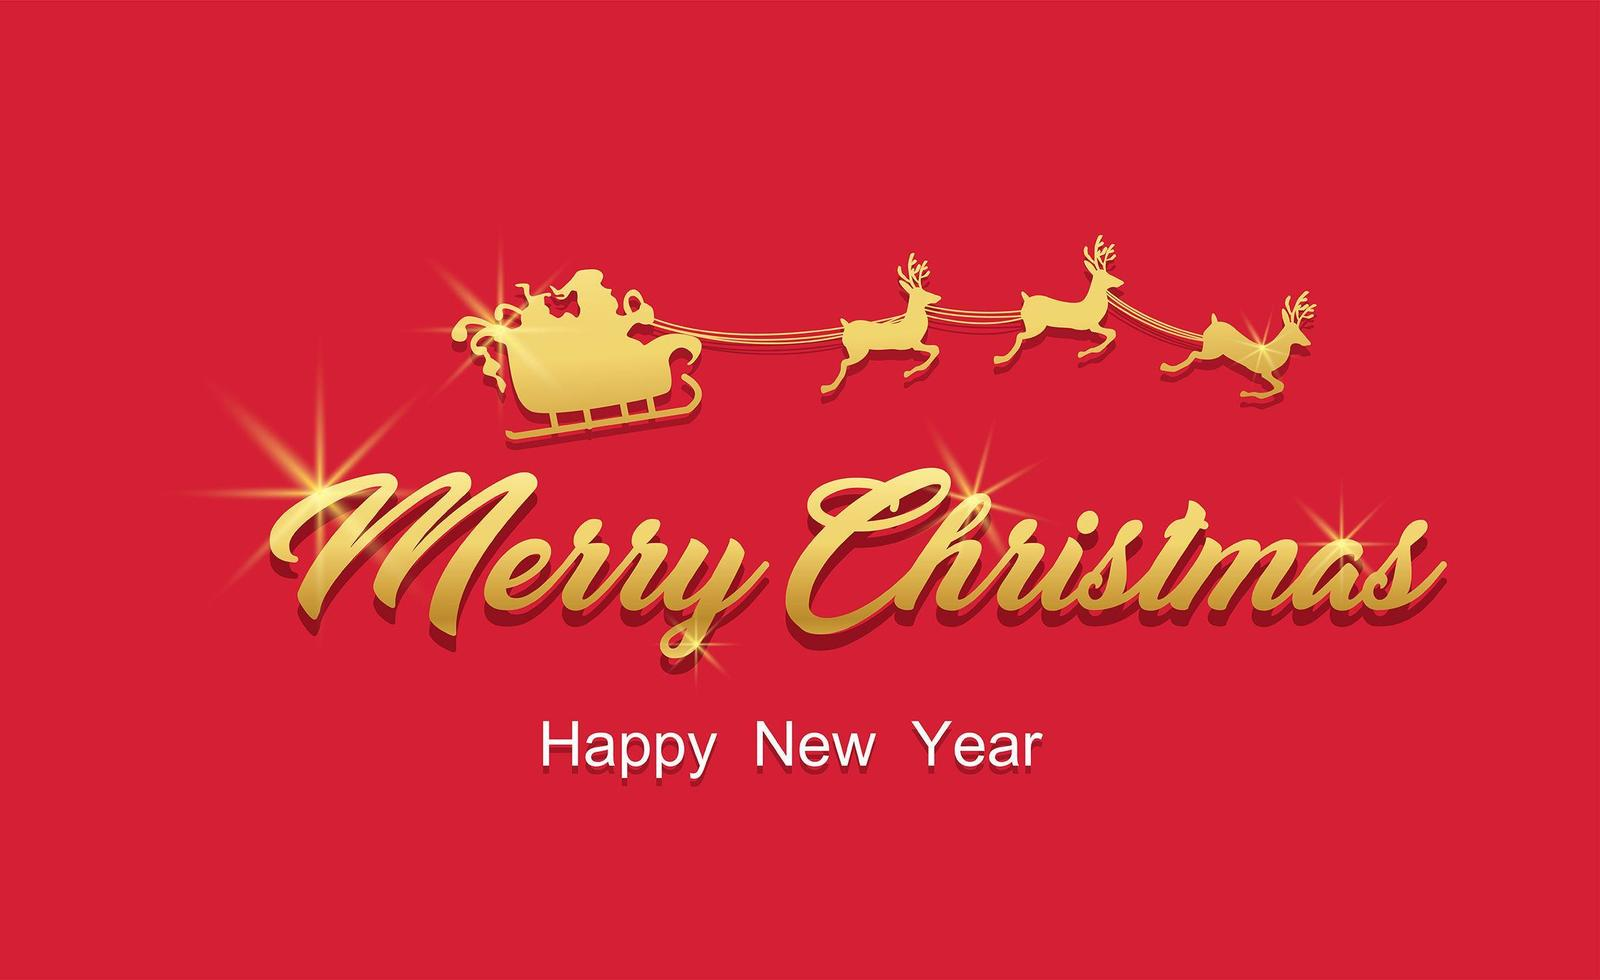 Frohe Weihnachten goldenen Text und Santa im Schlitten vektor